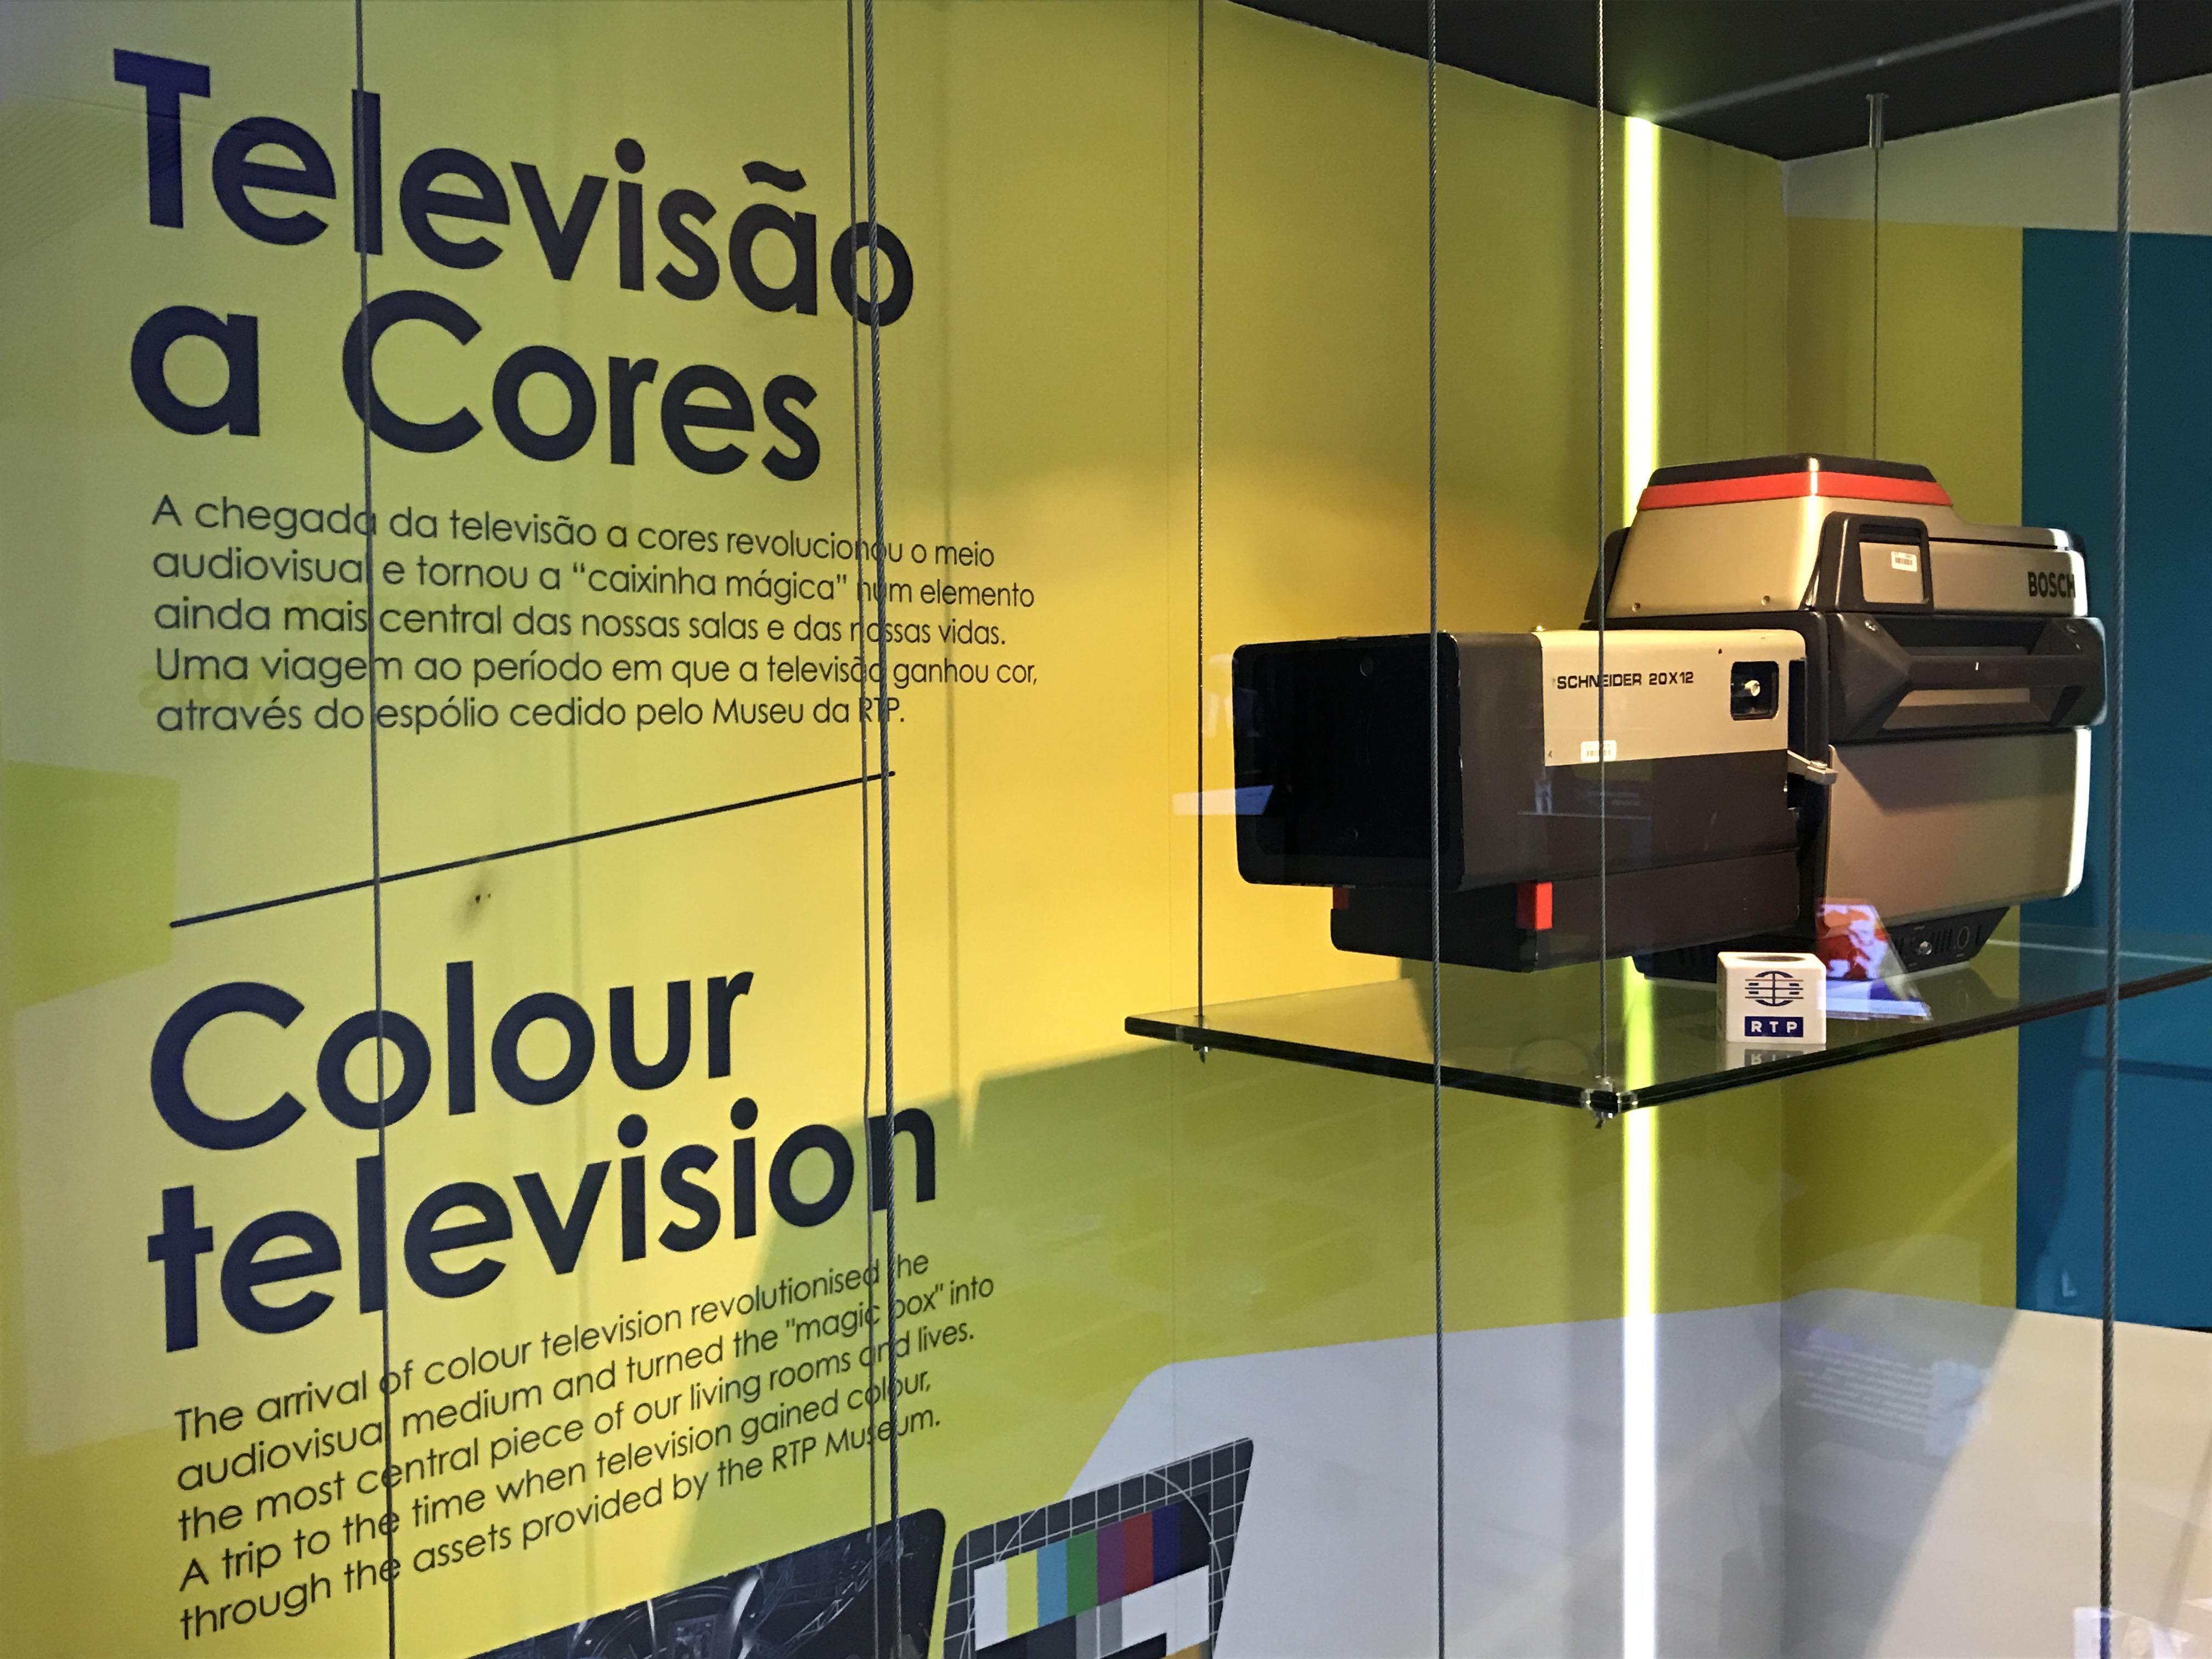 Antiga camera da RTP, Museu das Notícias, Sintra